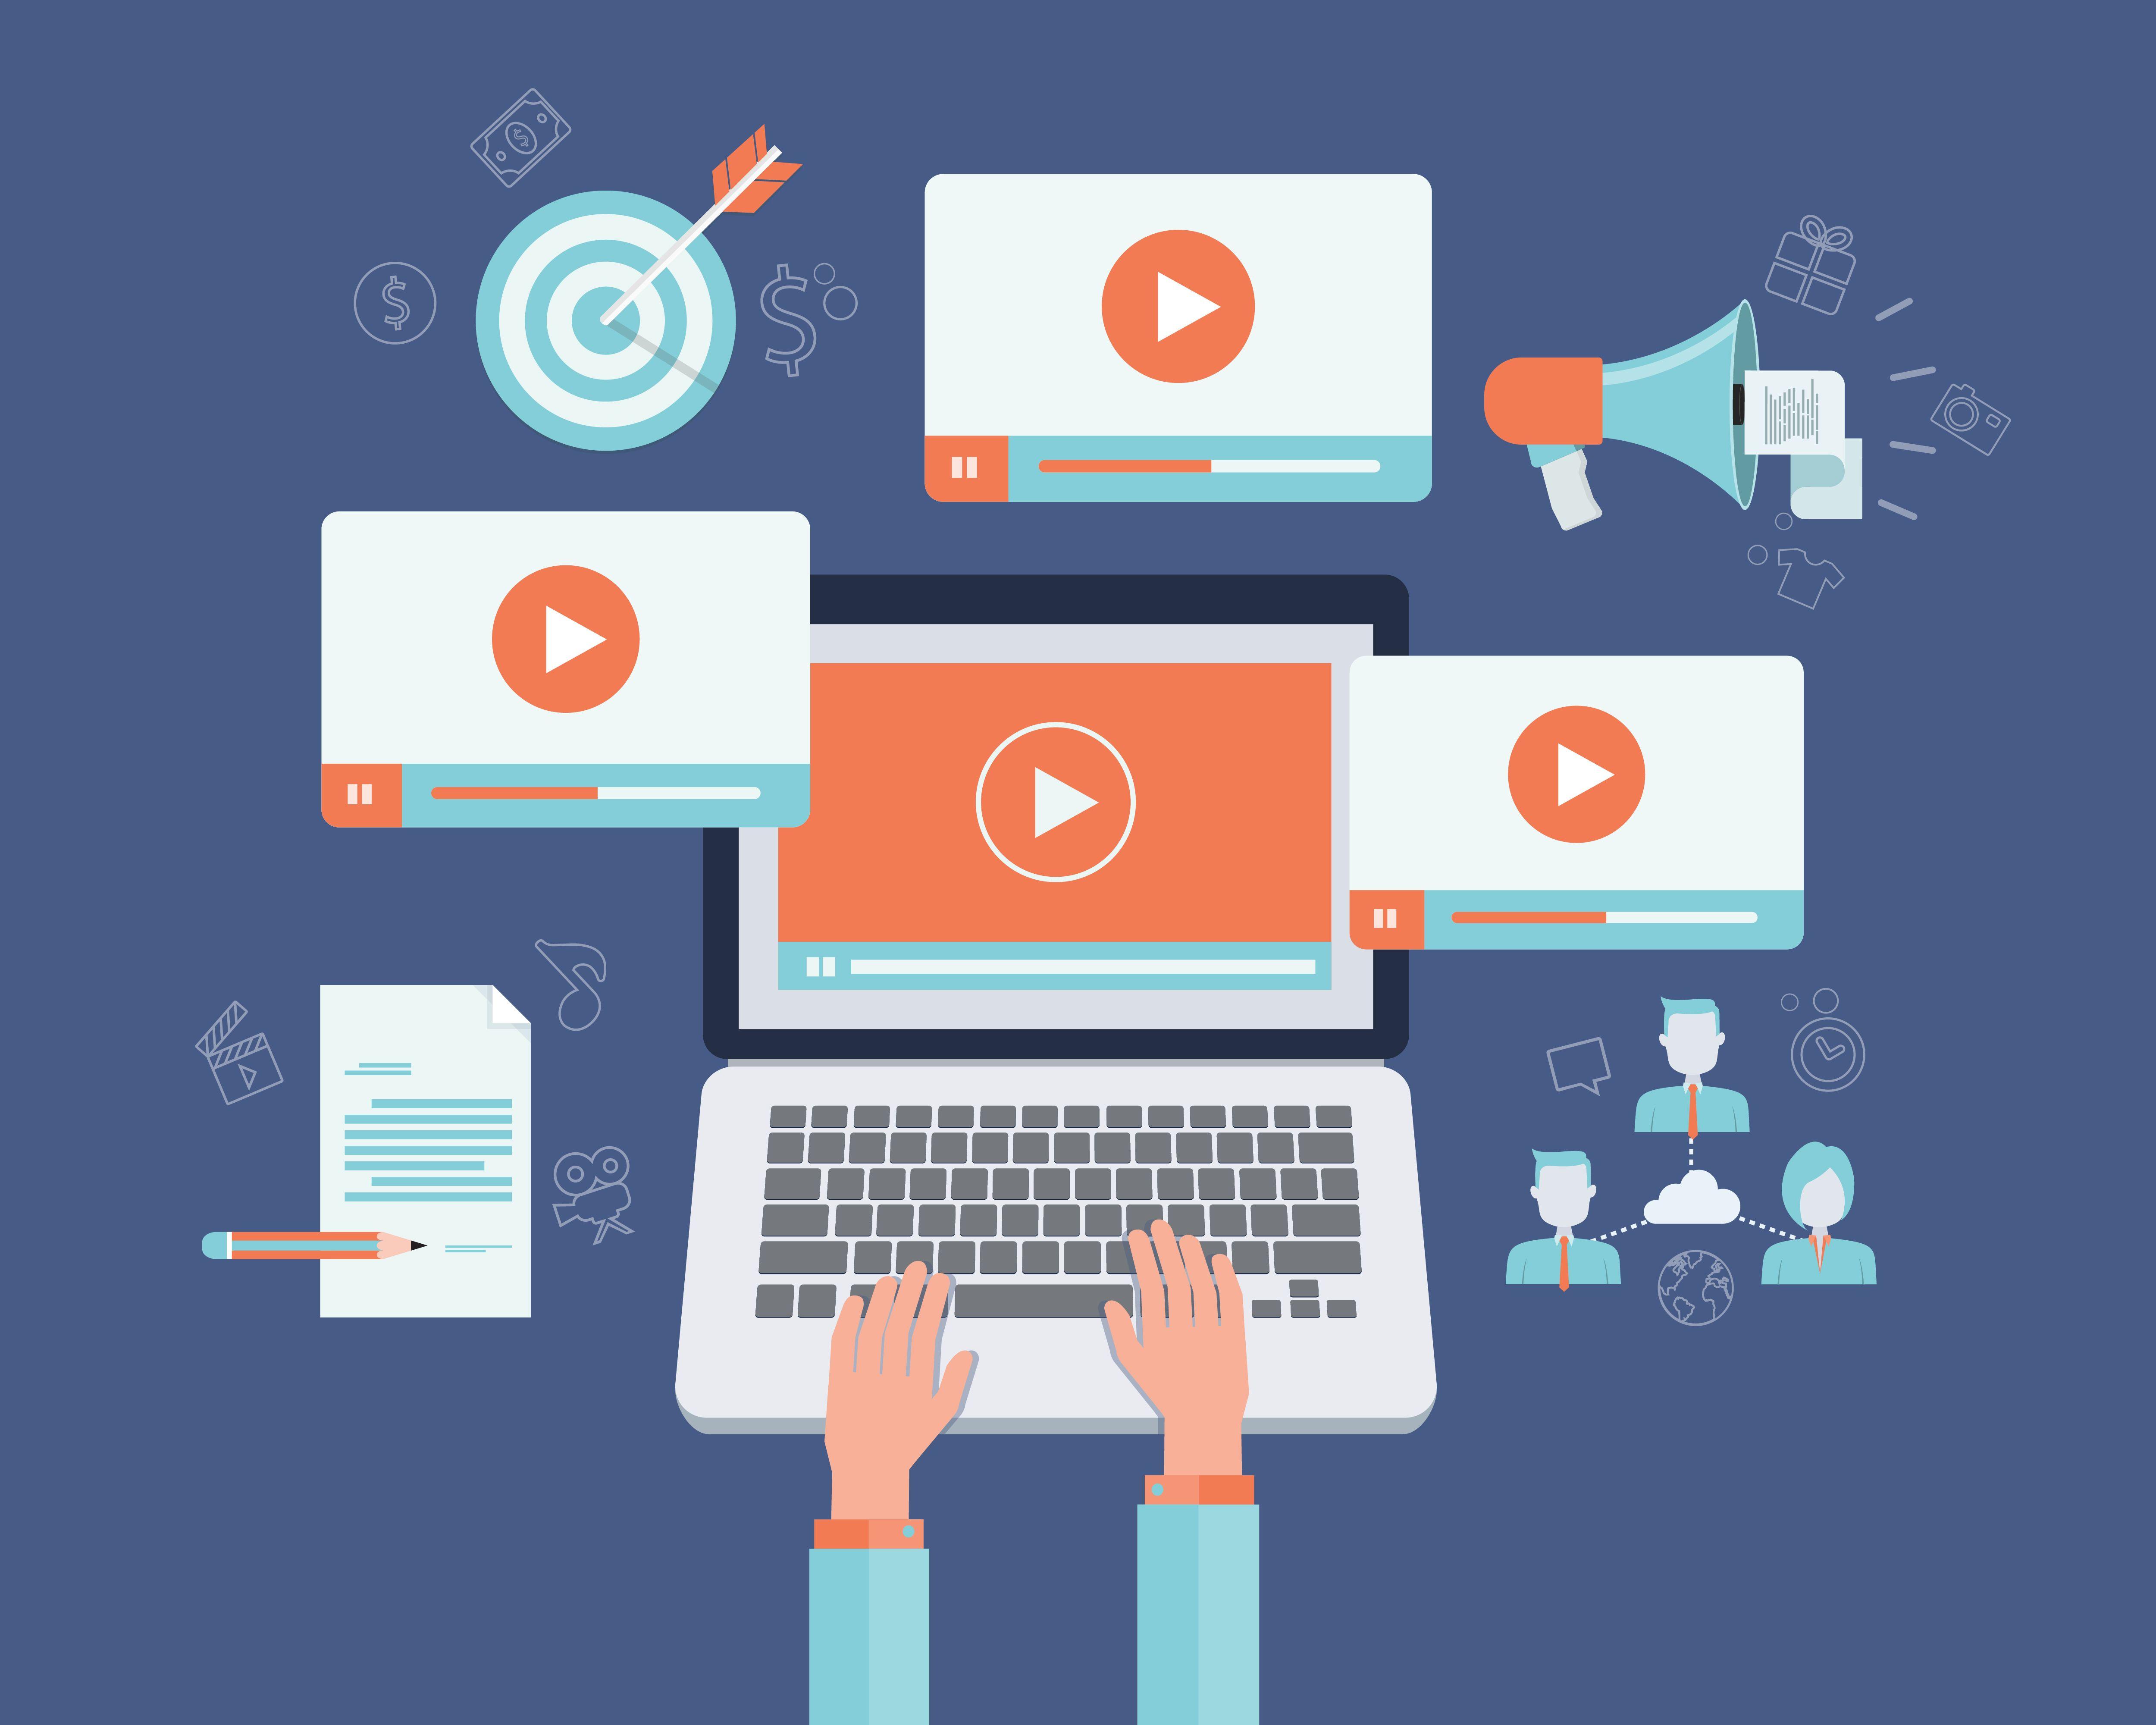 Khiến khách hàng không ngừng xem Video sản phẩm